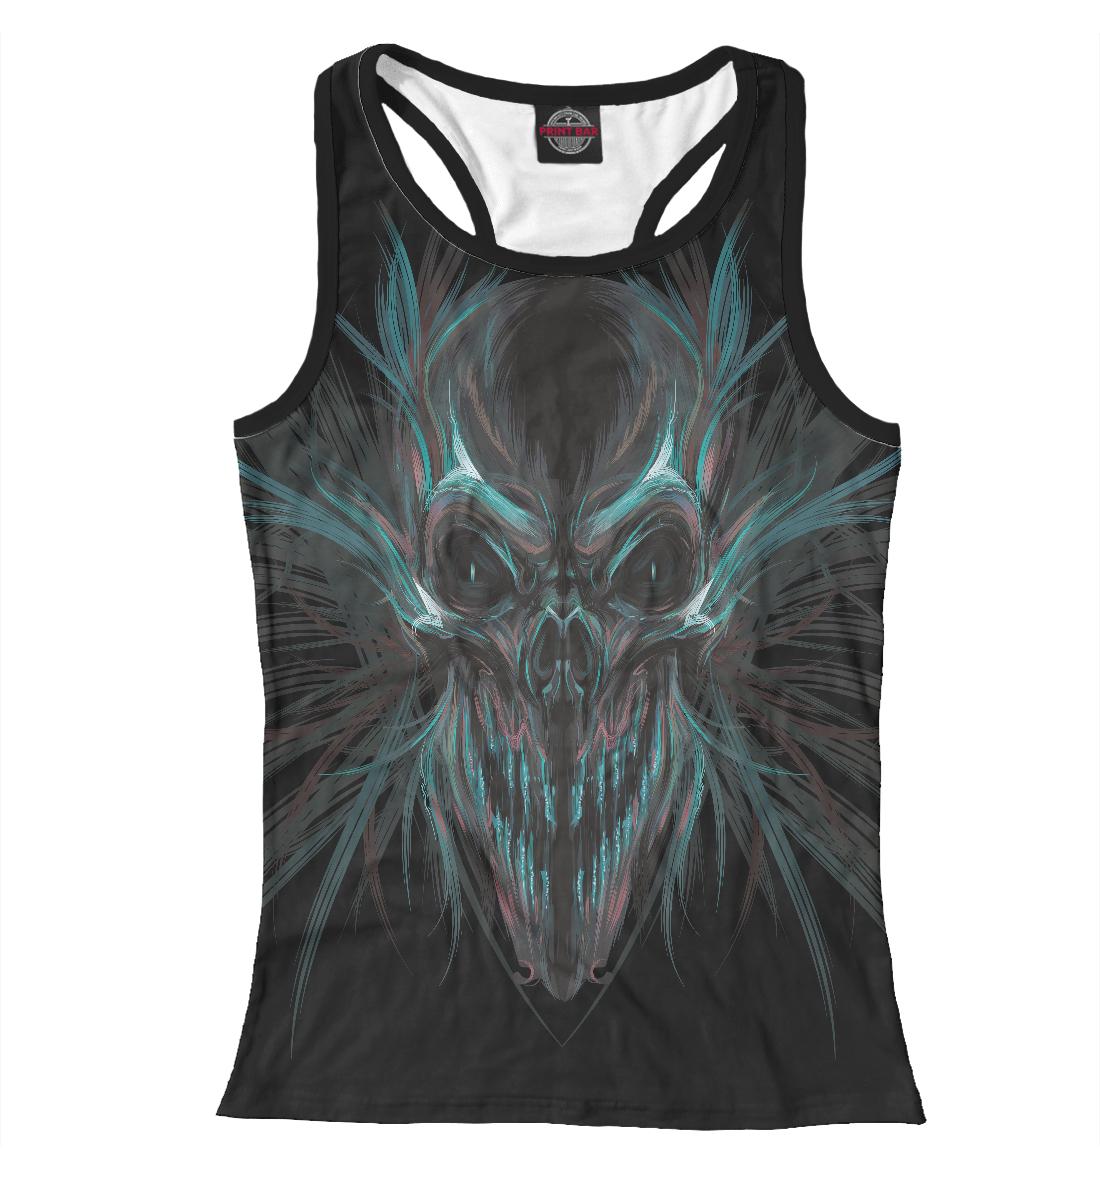 Купить Spirit of Darkness, Printbar, Майки борцовки, HAL-405767-mayb-1